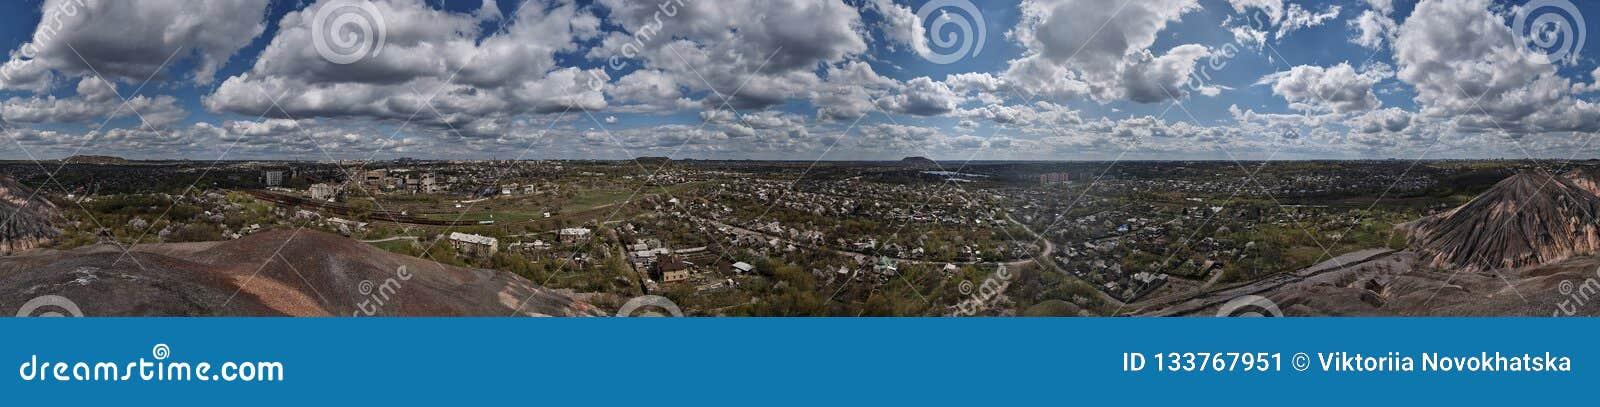 Panoramamening van de stad en de bewolkte hemel